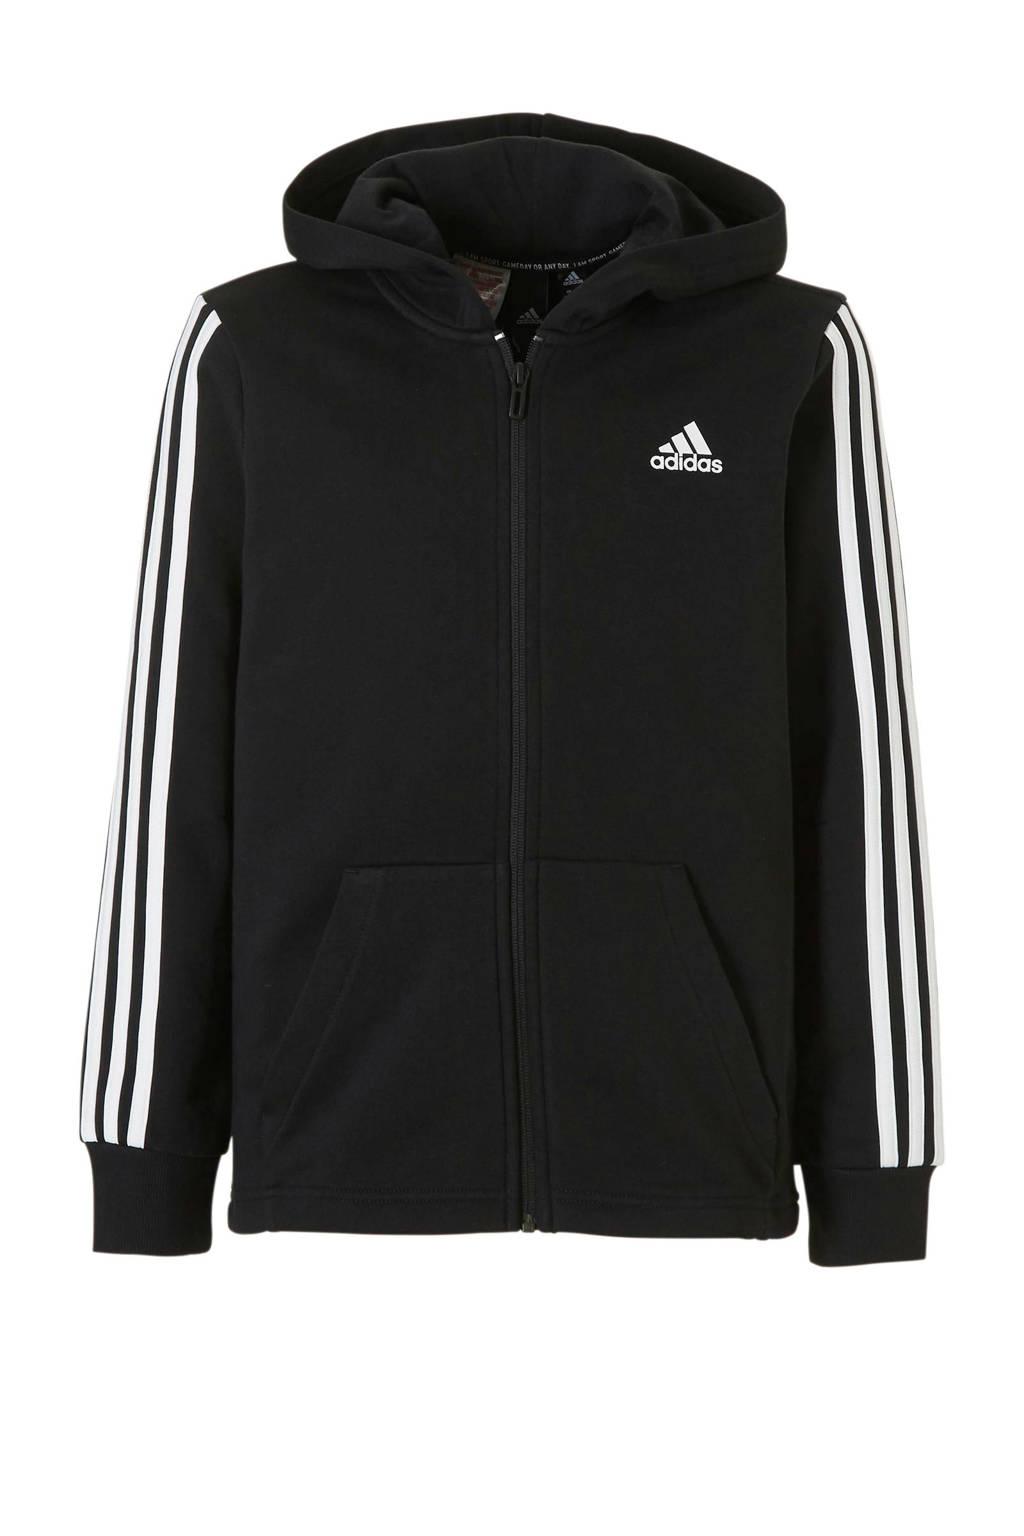 adidas   sportvest zwart, Zwart/wit